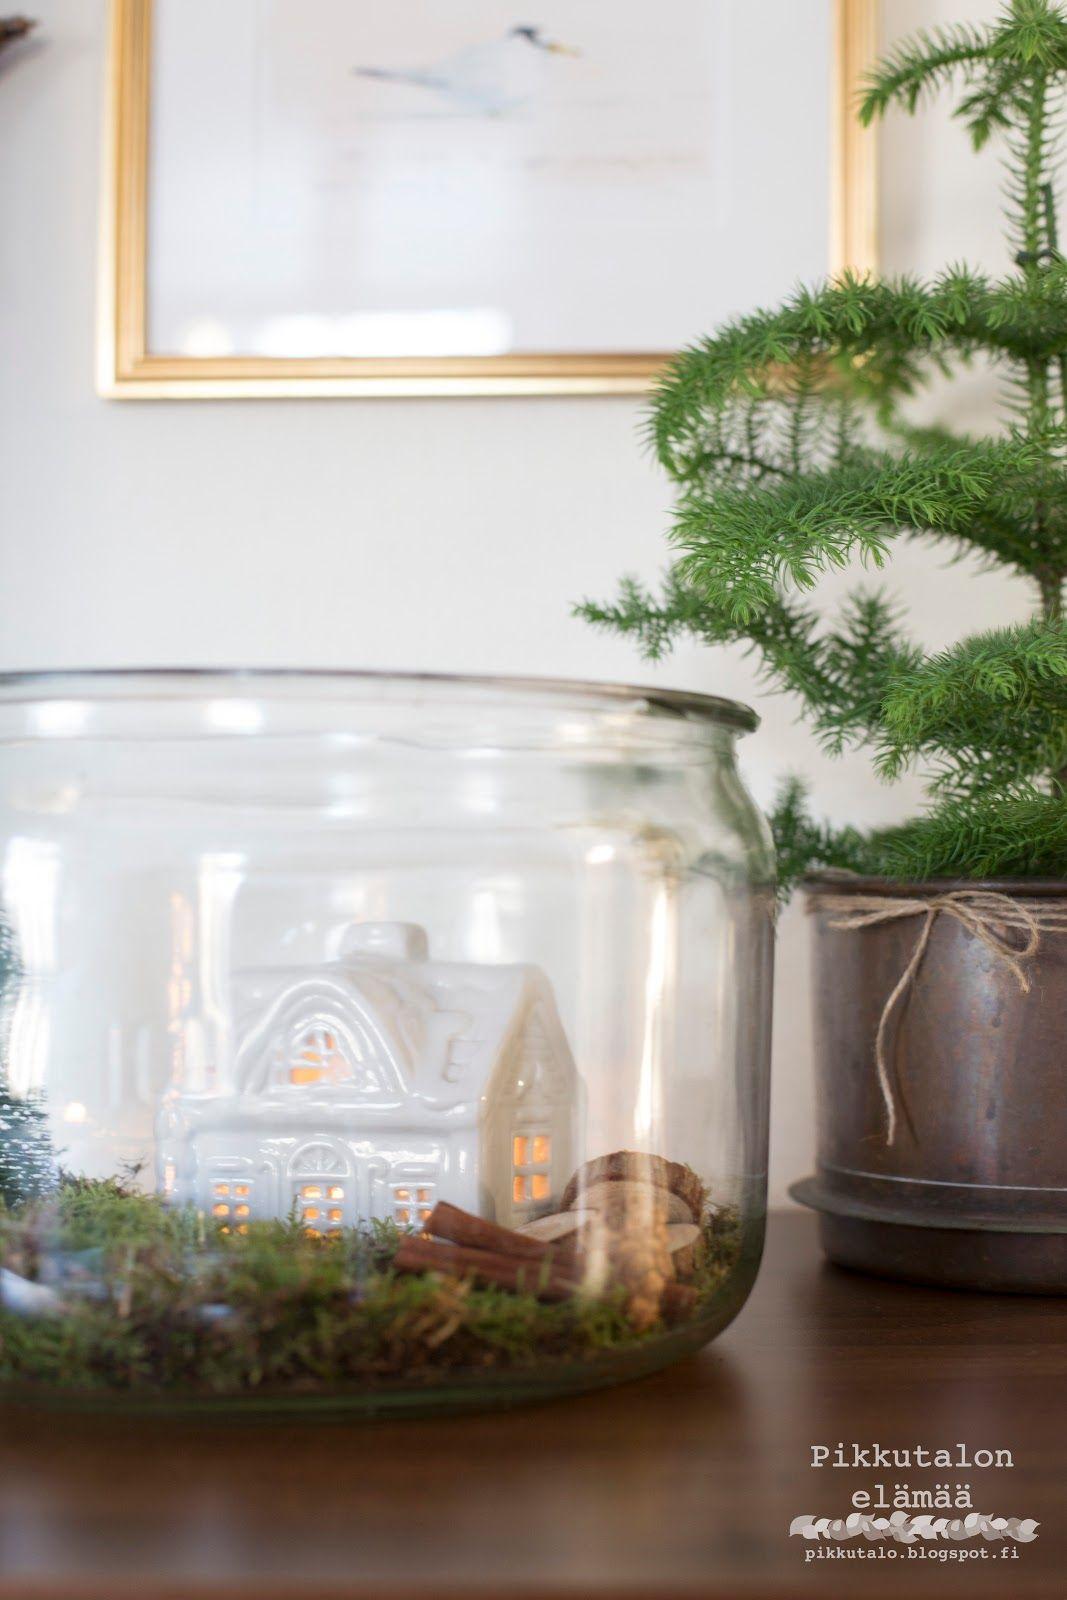 Joulun tunnelmia Pikkutalossa